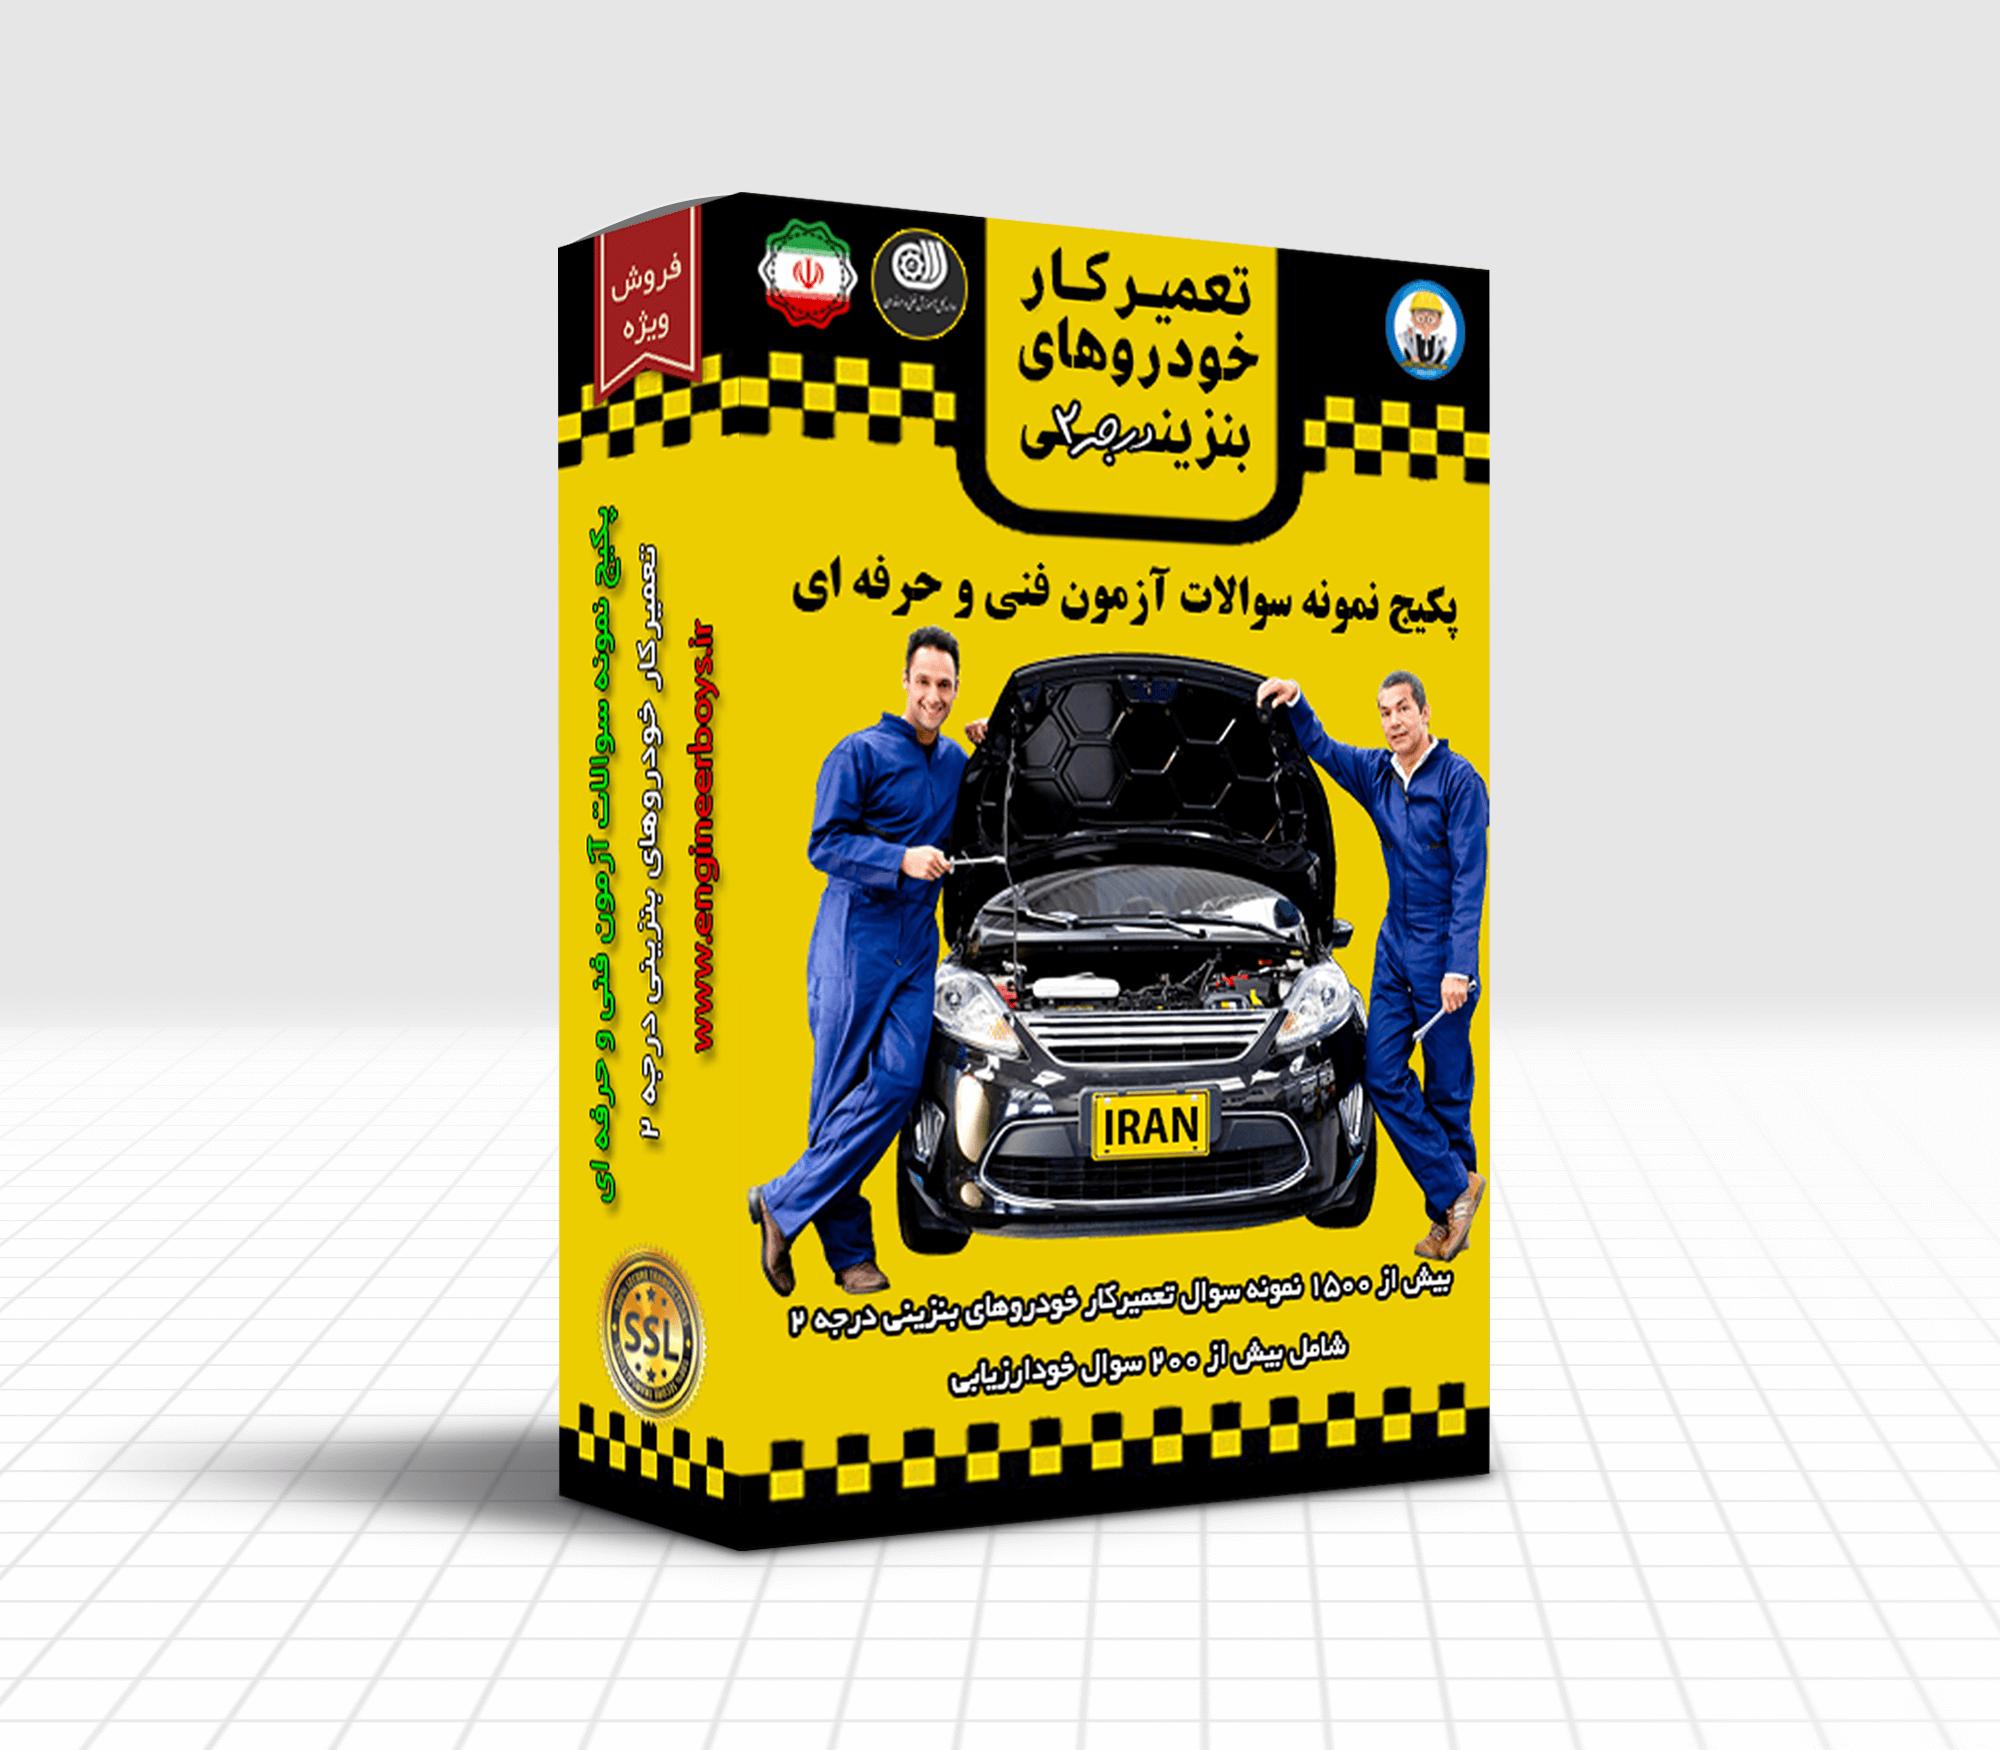 نمونه سوالات تعمیرکار خودروهای بنزینی درجه2 آزمون ادواری فنی و حرفه ای